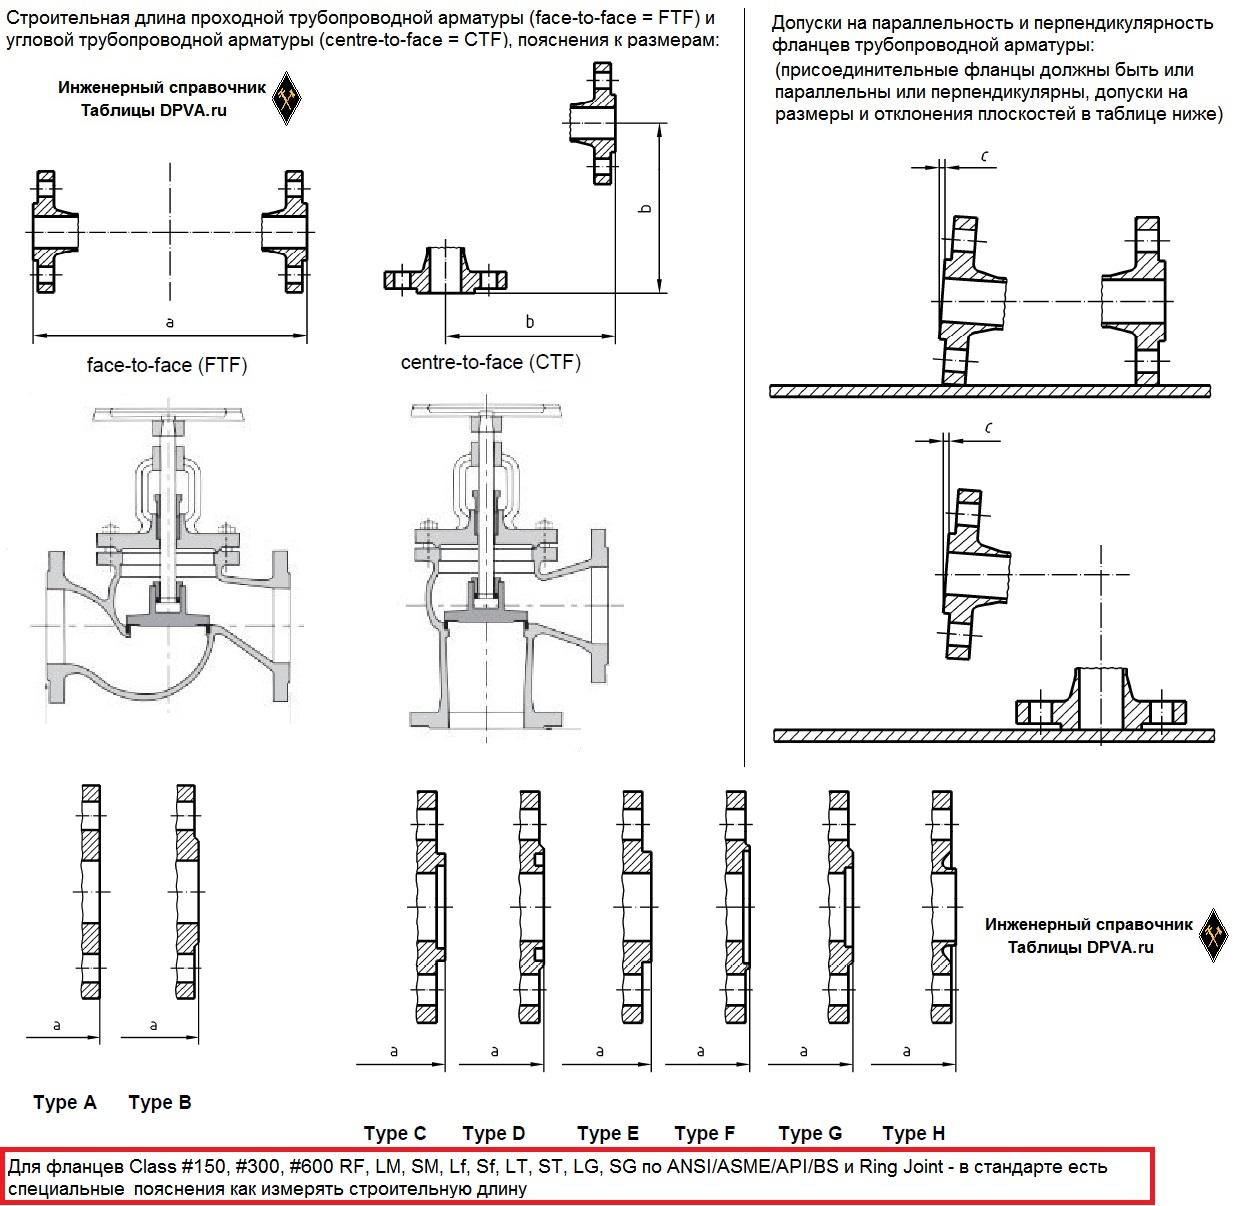 Строительная длина проходной трубопроводной арматуры (face-to-face = FTF) и угловой трубопроводной арматуры (centre-to-face = CTF), пояснения к размерам EN558 (объединяет EN558-1 и EN558-2). Допуски на параллельность и перпендикулярность фланцев трубопроводной арматуры EN558 - присоединительные фланцы должны быть или параллельны или перпендикулярны, допуски на размеры и отклонения плоскостей в таблице.